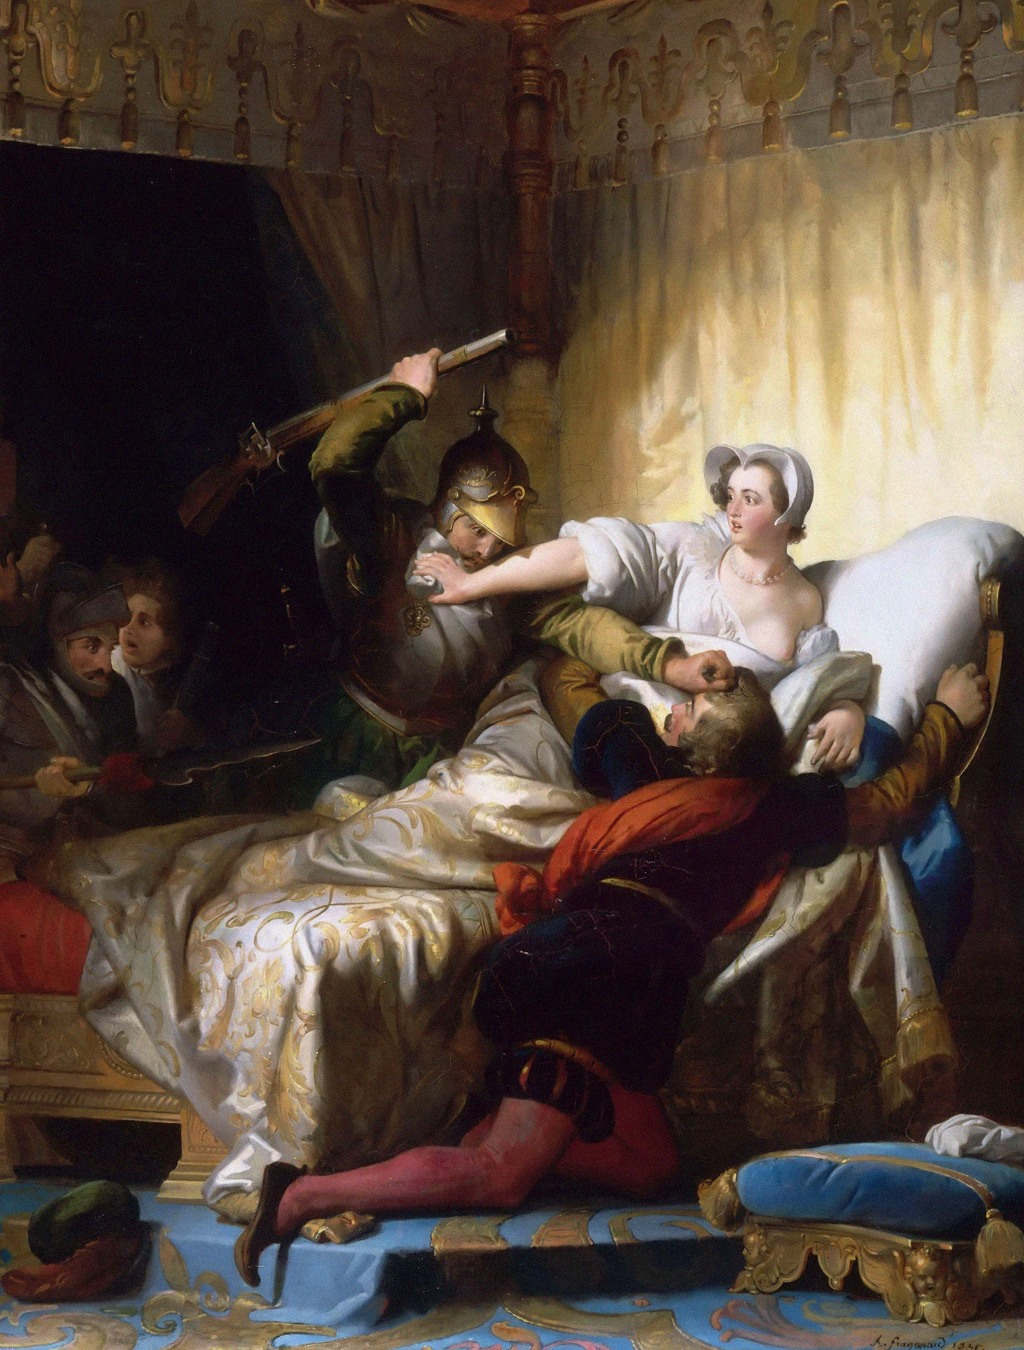 لوحة لـ ألكسند فراغونار عام 1836 بعنوان «مشهد من مذبحة القديس بارتولوميو»، وتظهر مارغرت ملكة فرنسا المستقبلية، محاولة حماية